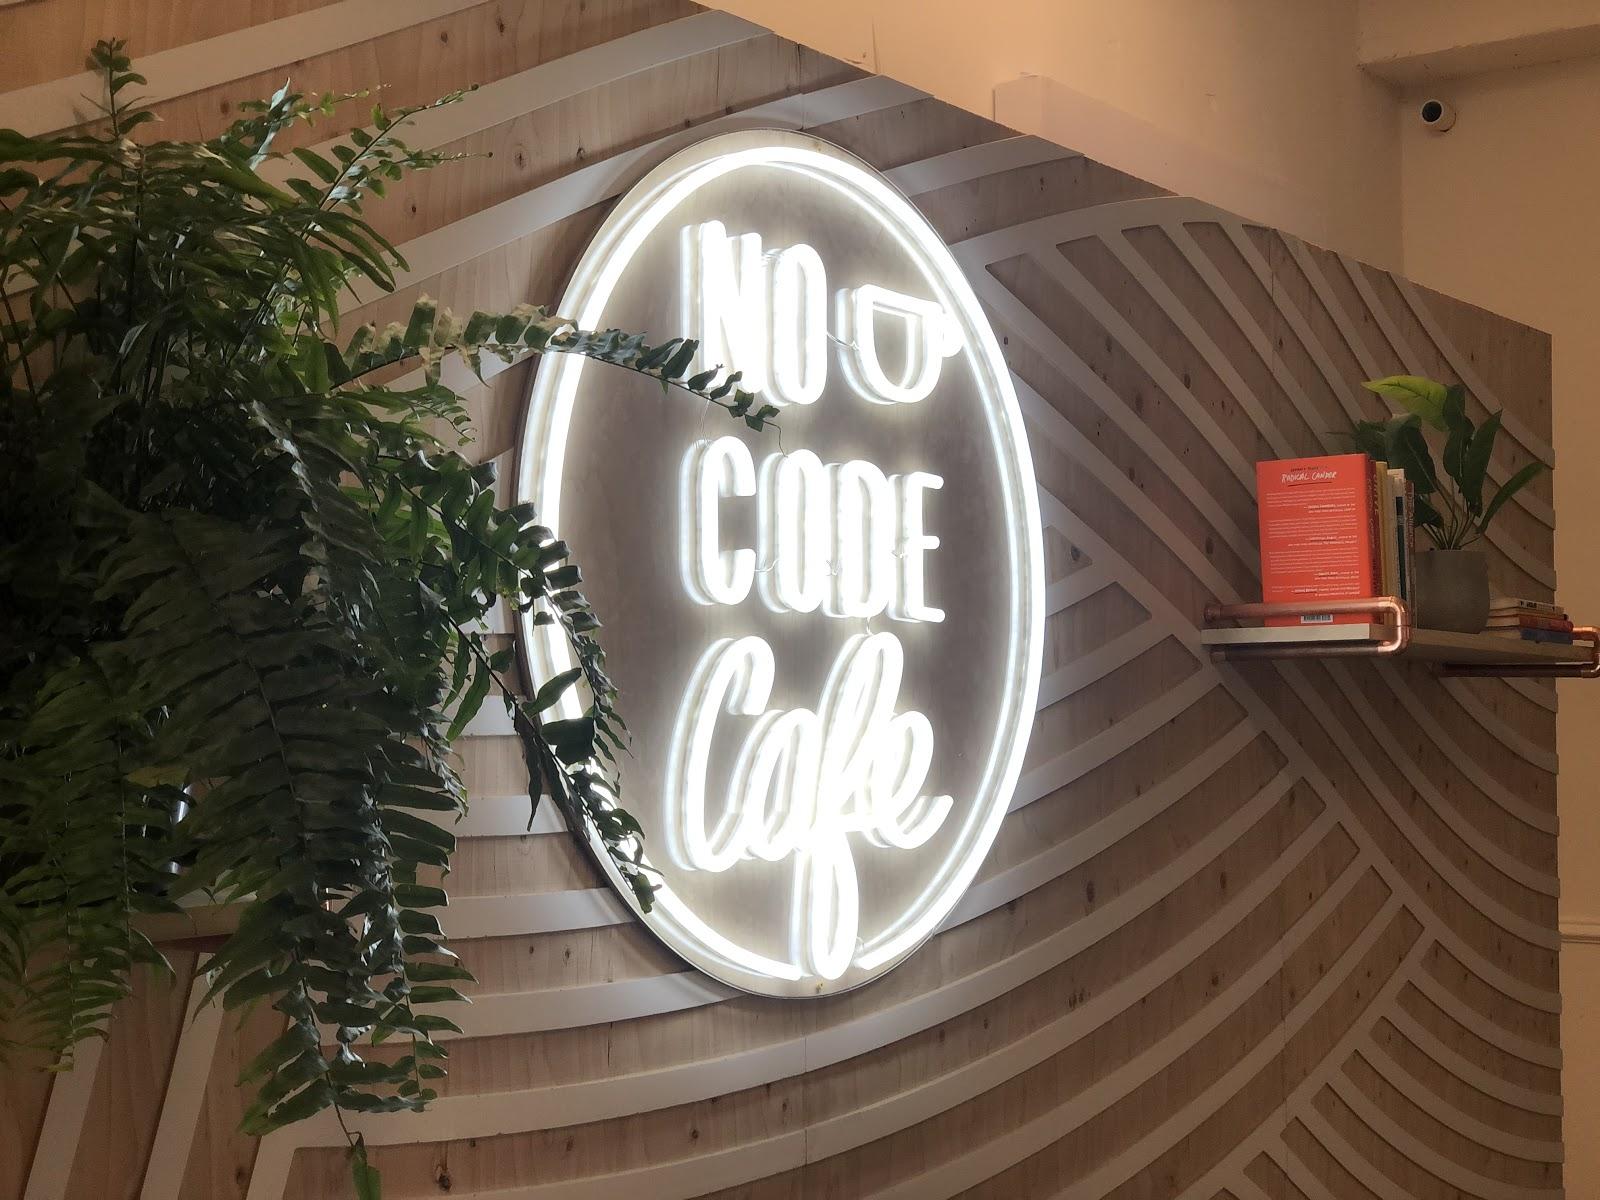 no code cafe